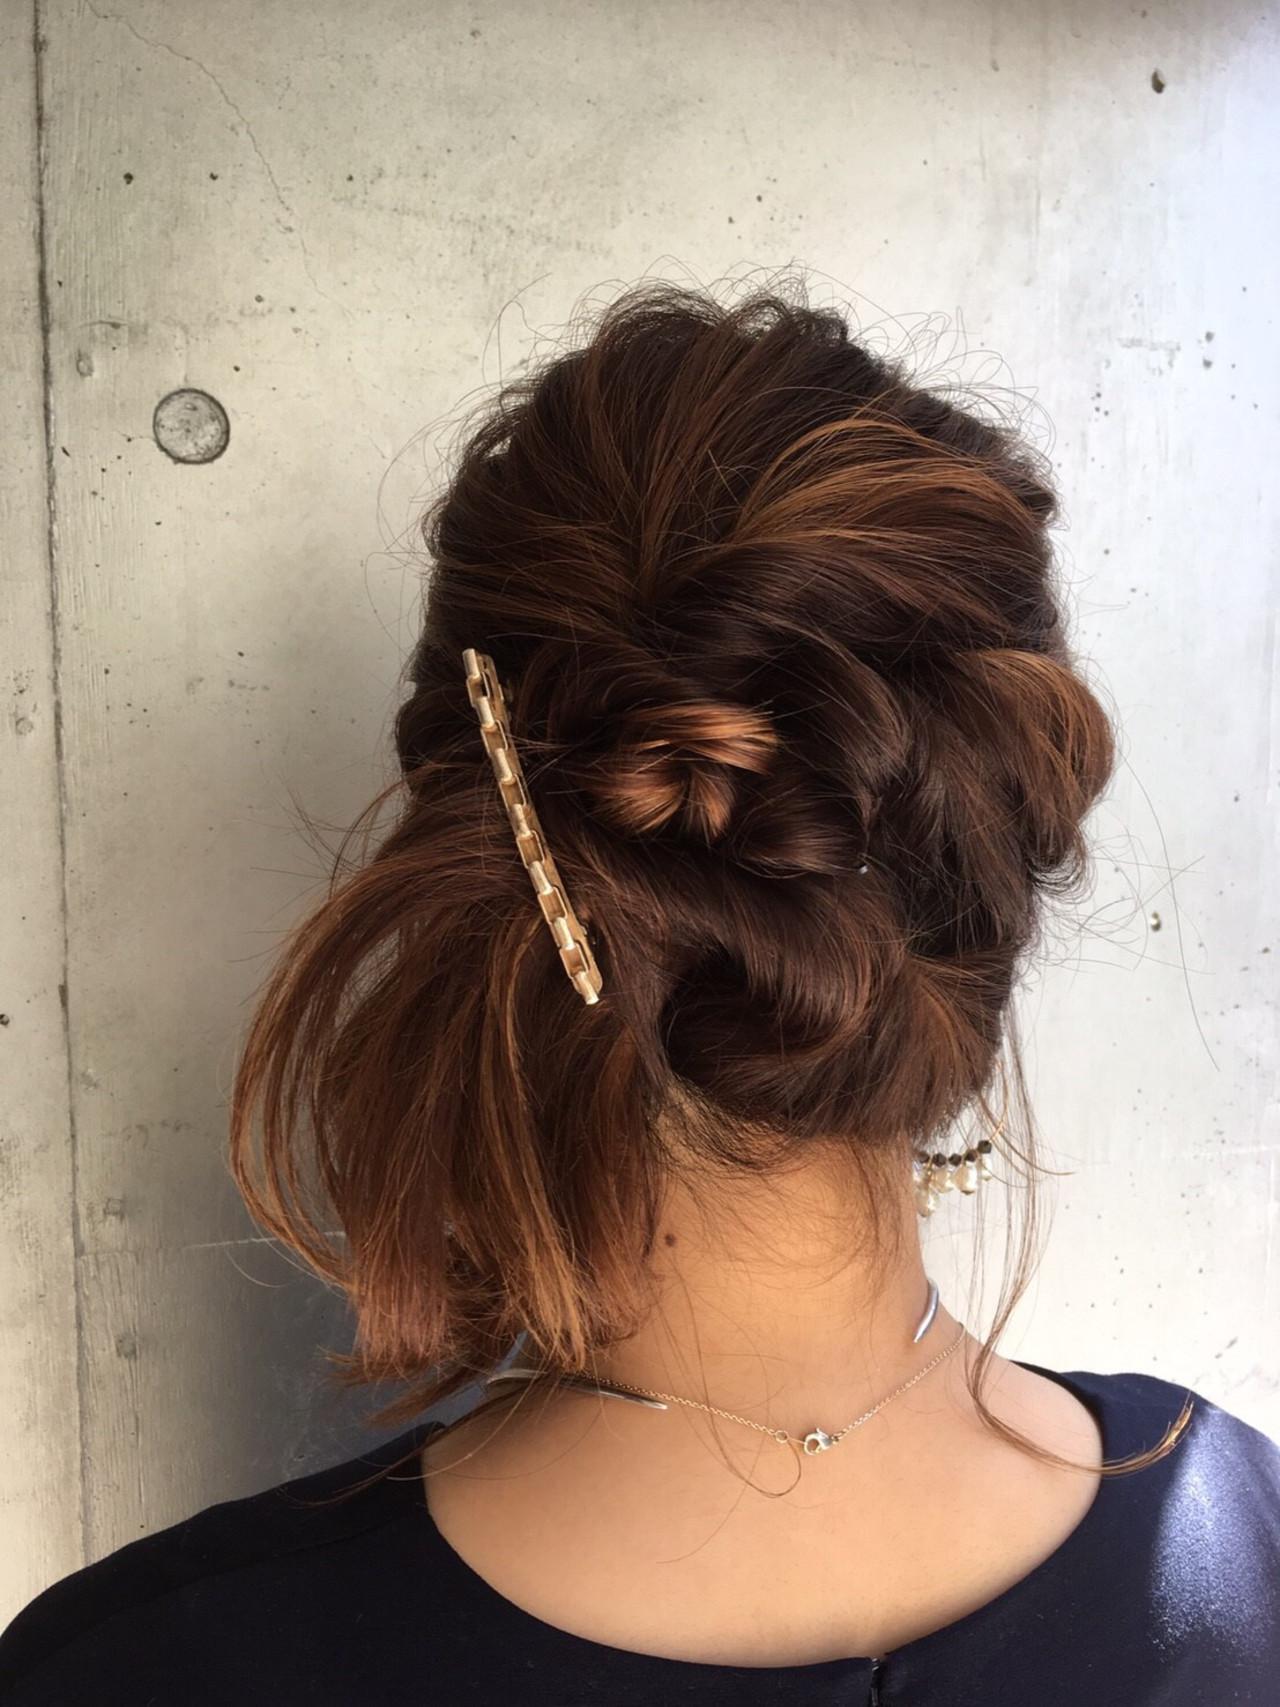 簡単ヘアアレンジ セミロング 成人式 ヘアアレンジ ヘアスタイルや髪型の写真・画像 | 可愛いにはコツがある!ナチュラルizumi / Siena